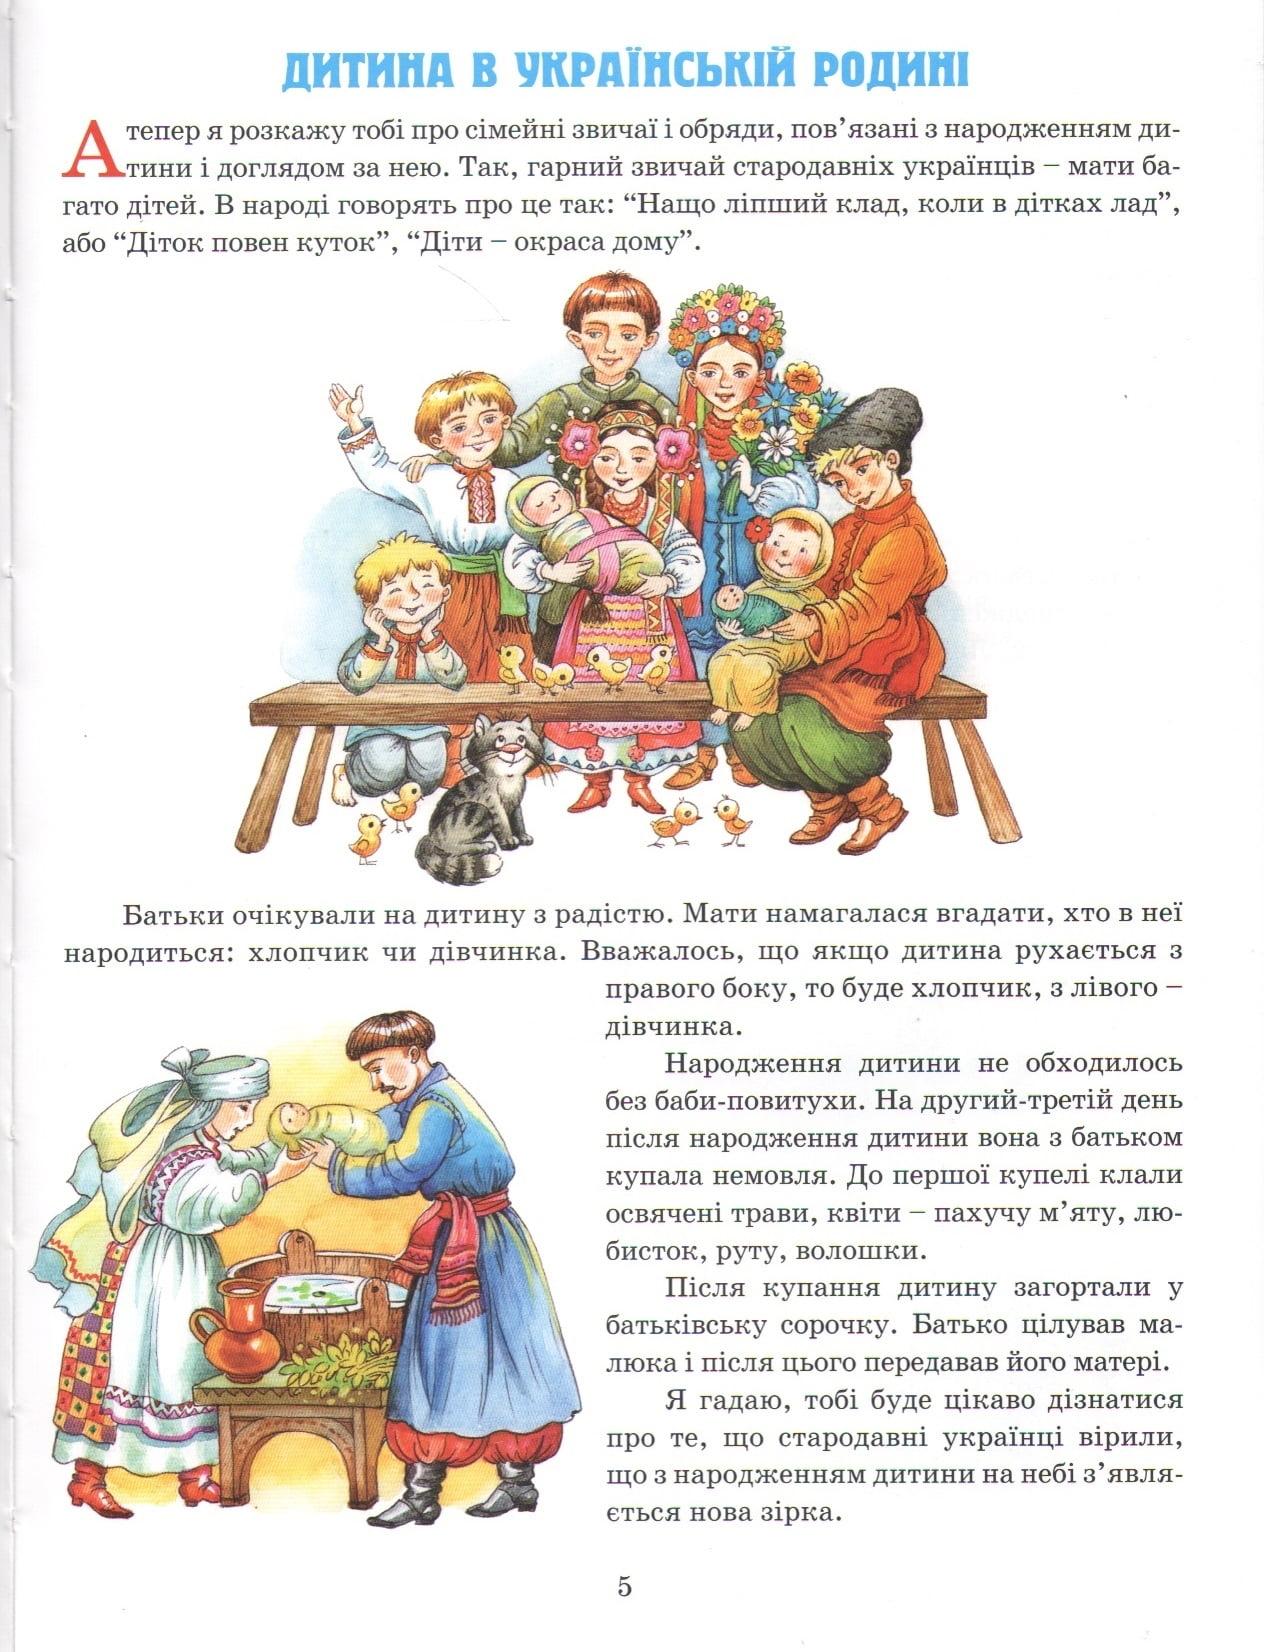 Моя країна - Україна. Українське народознавство для дошкільнят - фото 3